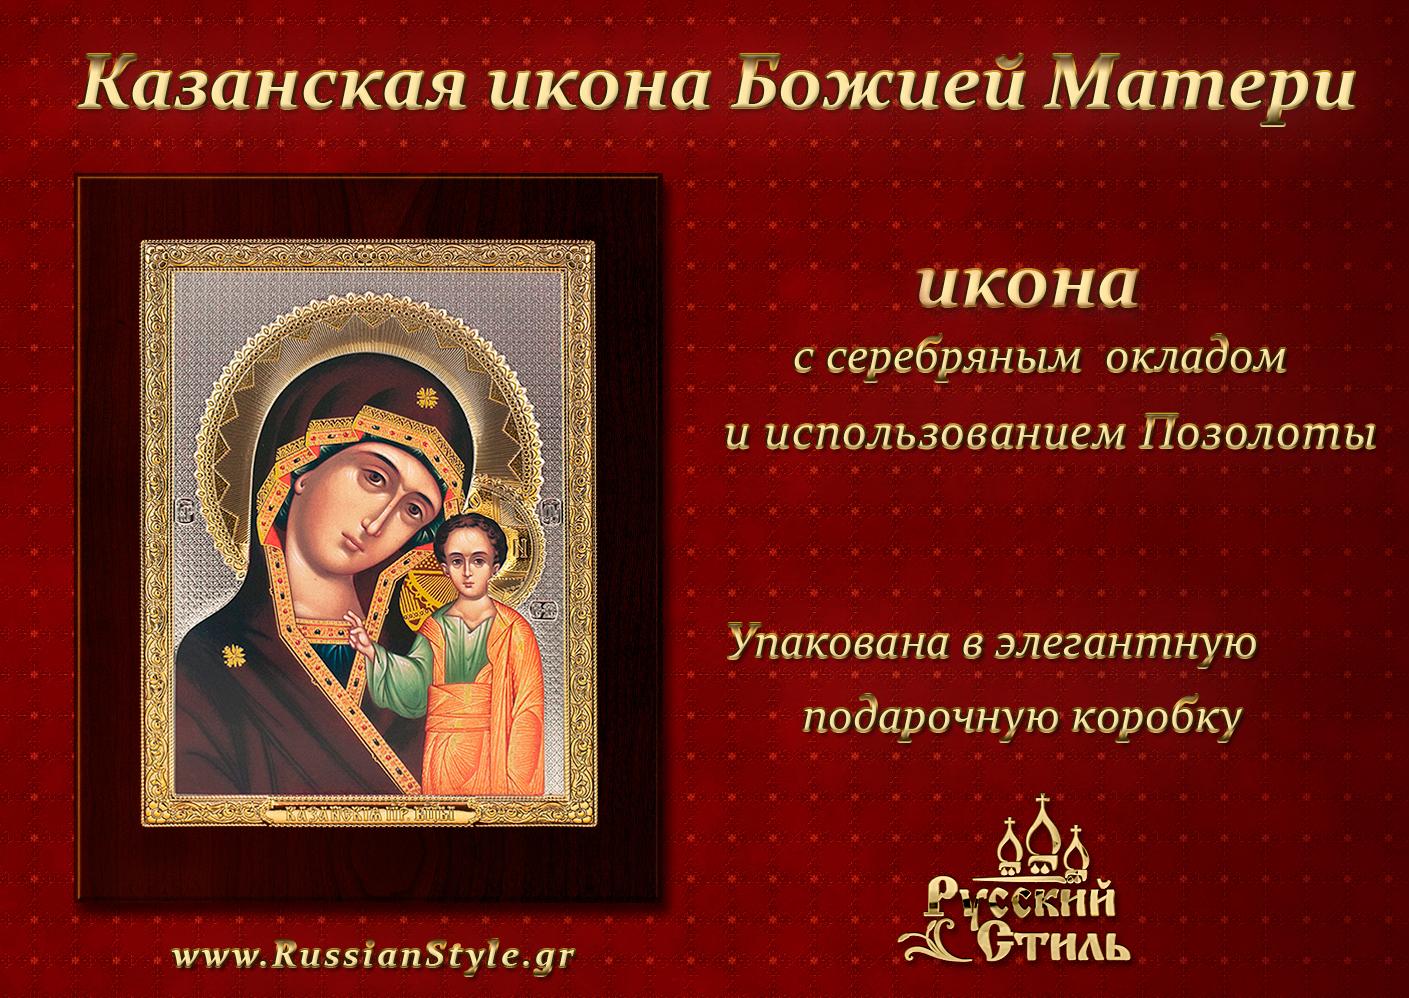 Поздравление с казанской иконе божией матери